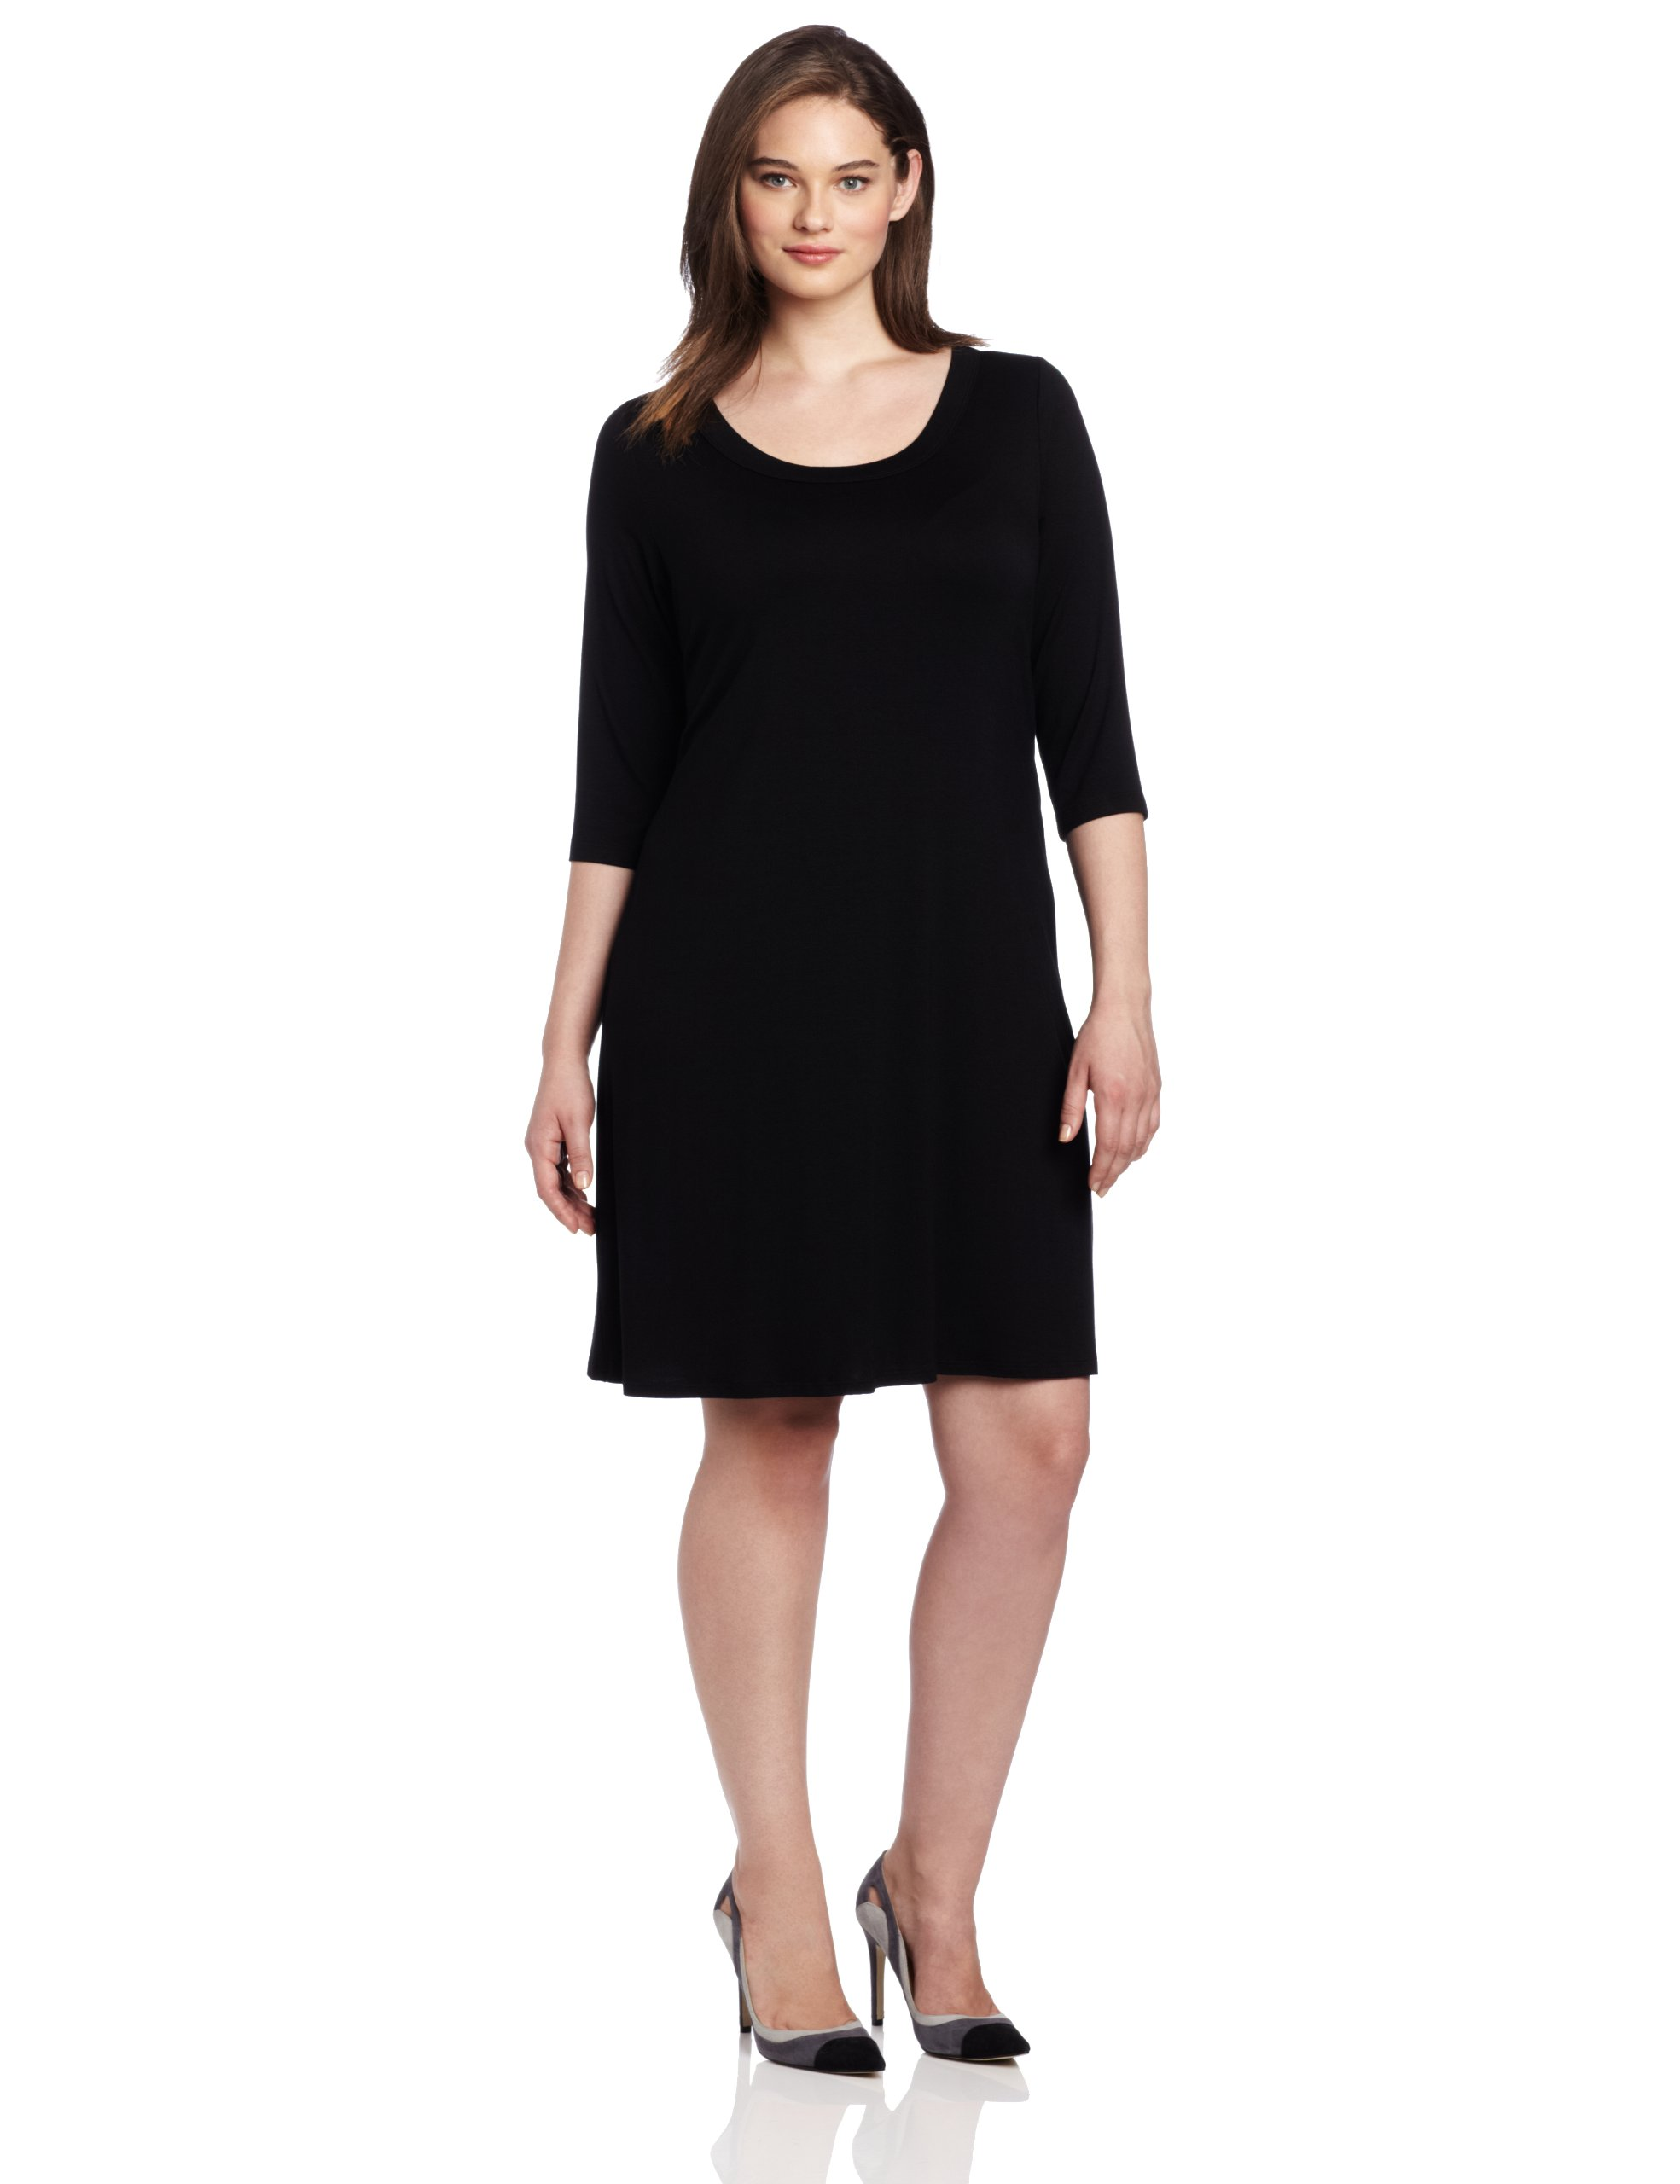 Karen Kane Plus-Size 3/4 Sleeve A-Line Dress, Black, 1X by Karen Kane (Image #1)